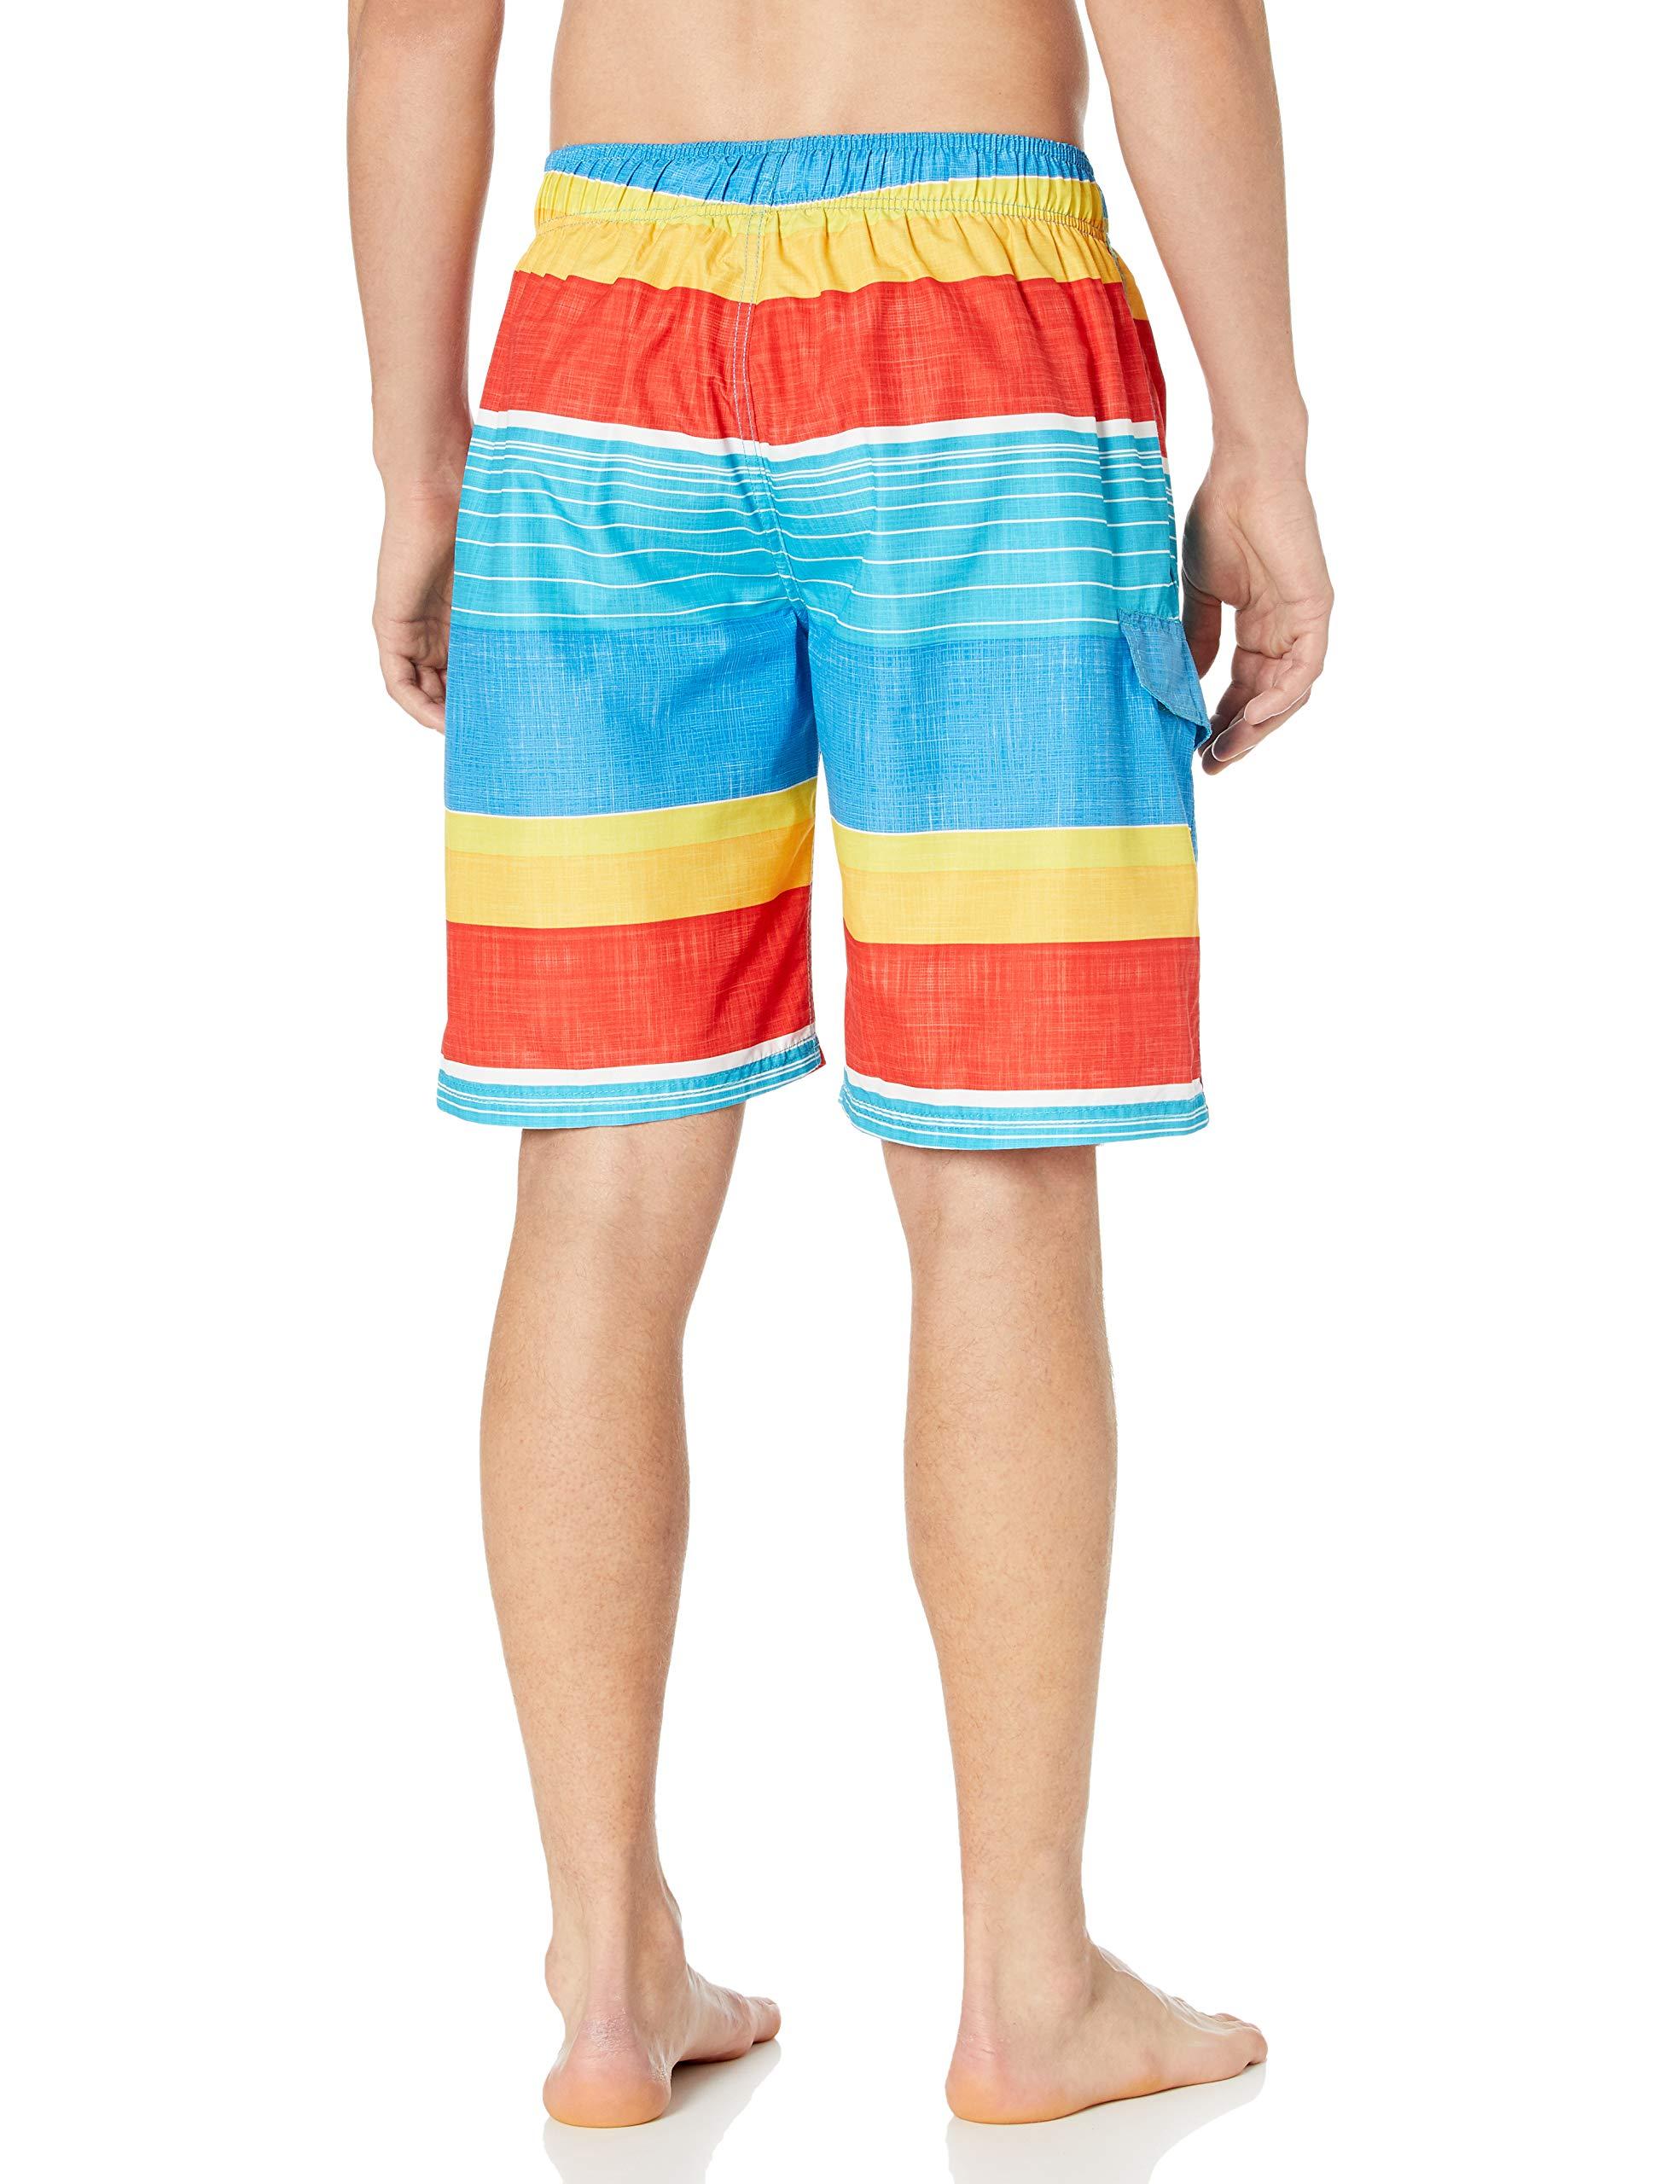 Kanu Surf Men's Echelon Swim Trunks (Regular & Extended Sizes)